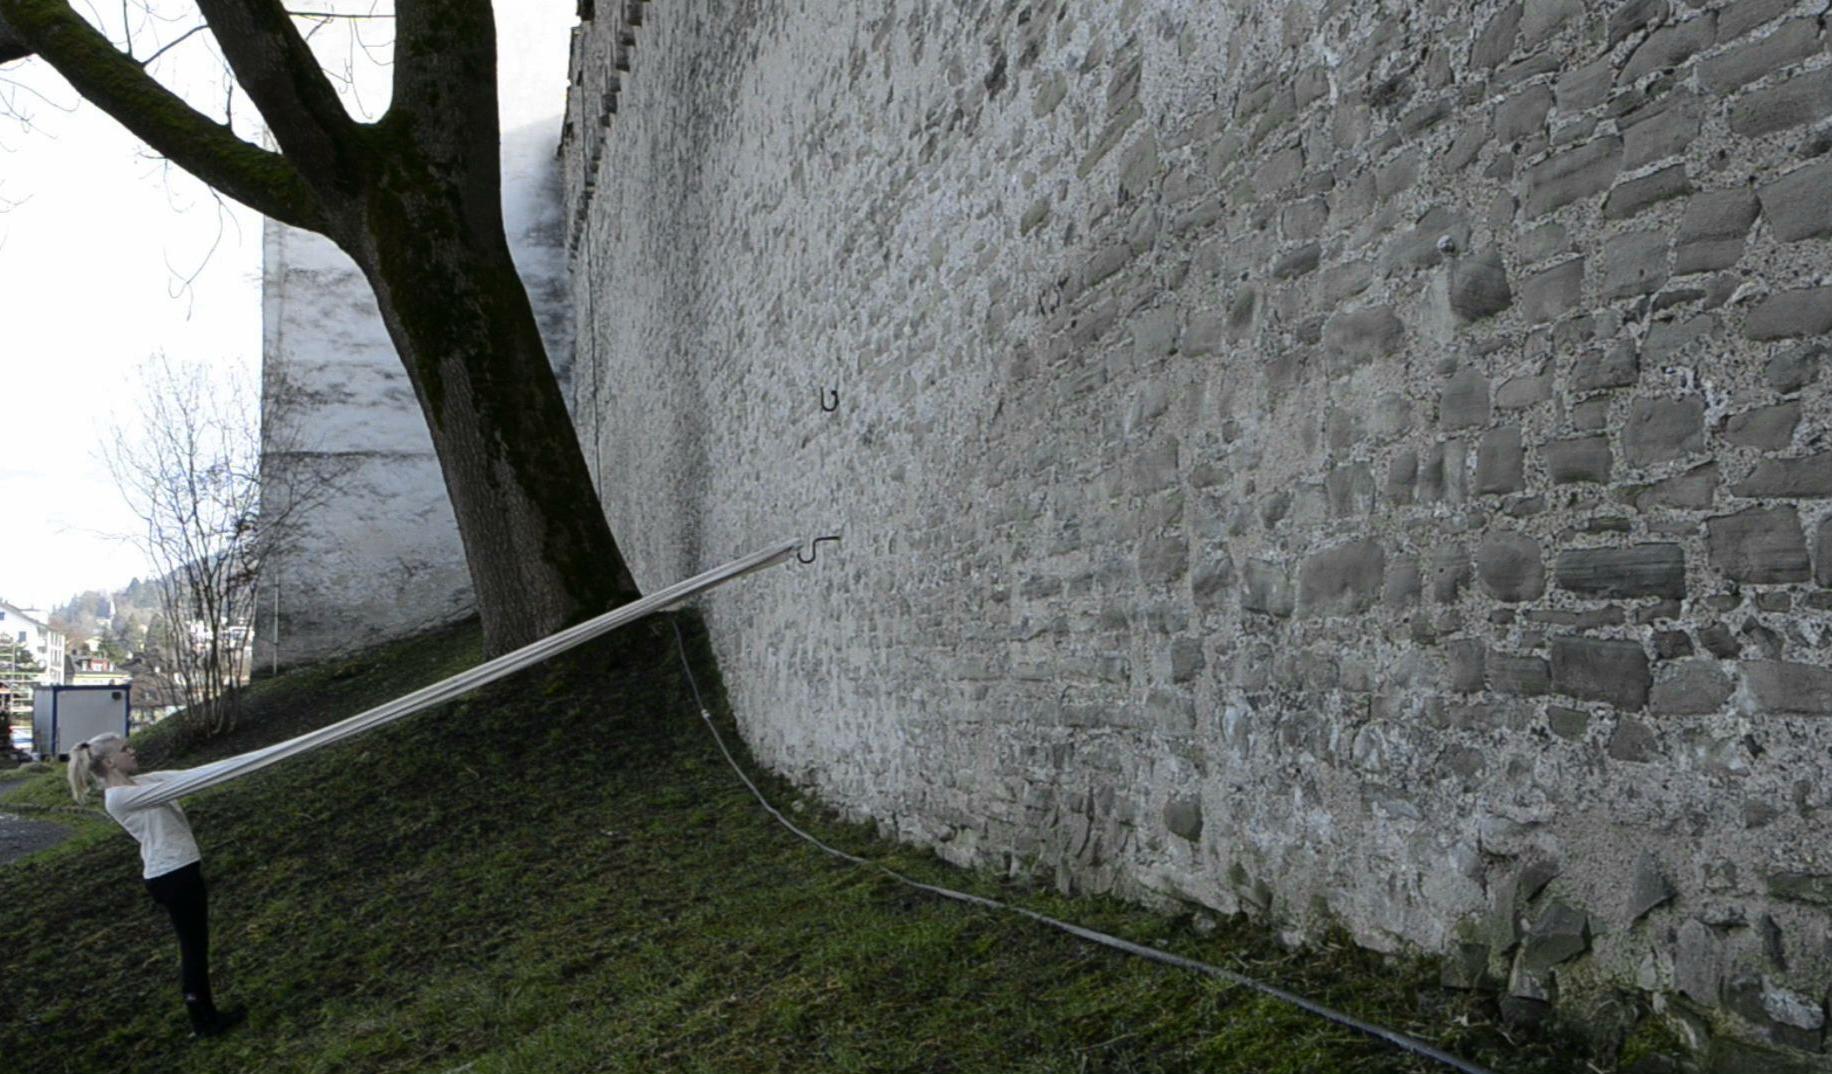 Lange Ärmel-Mauer-1